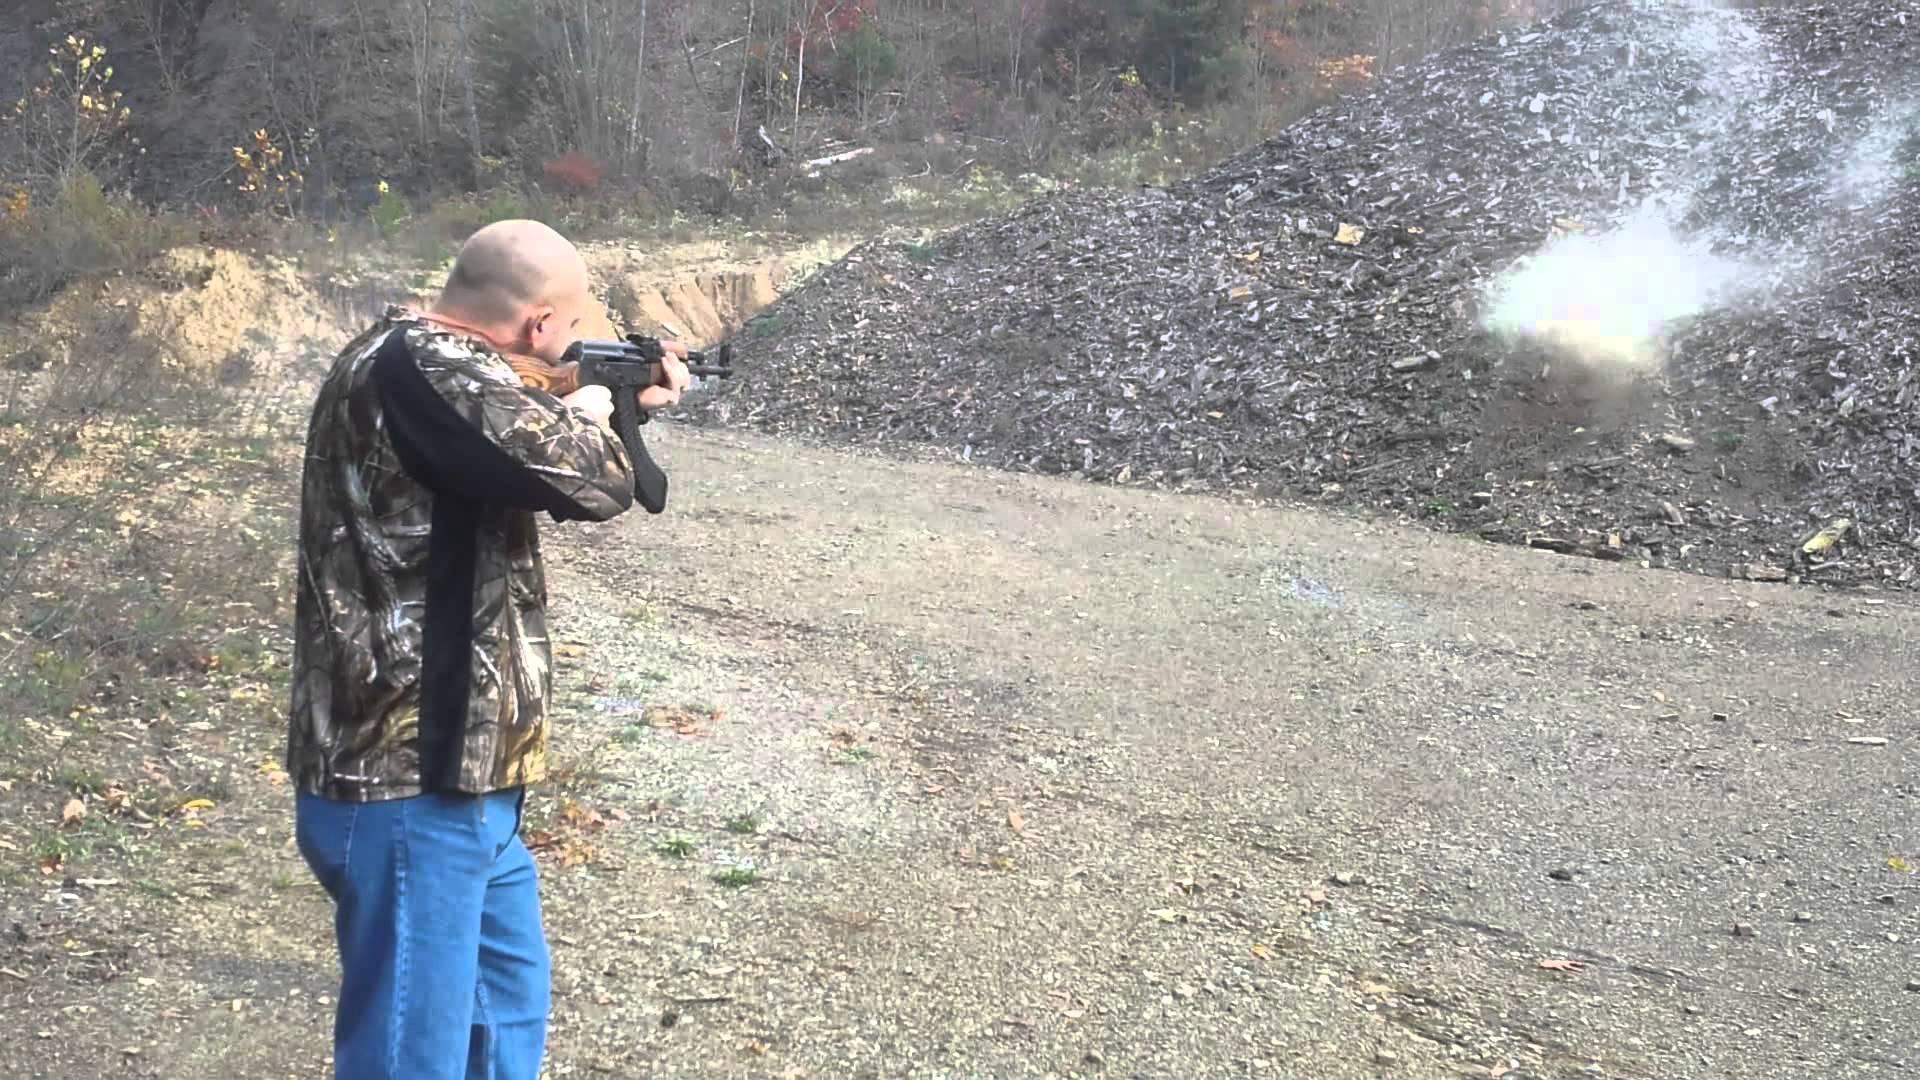 AK-47 42 Round Mag Dump 7.62 x 39MM